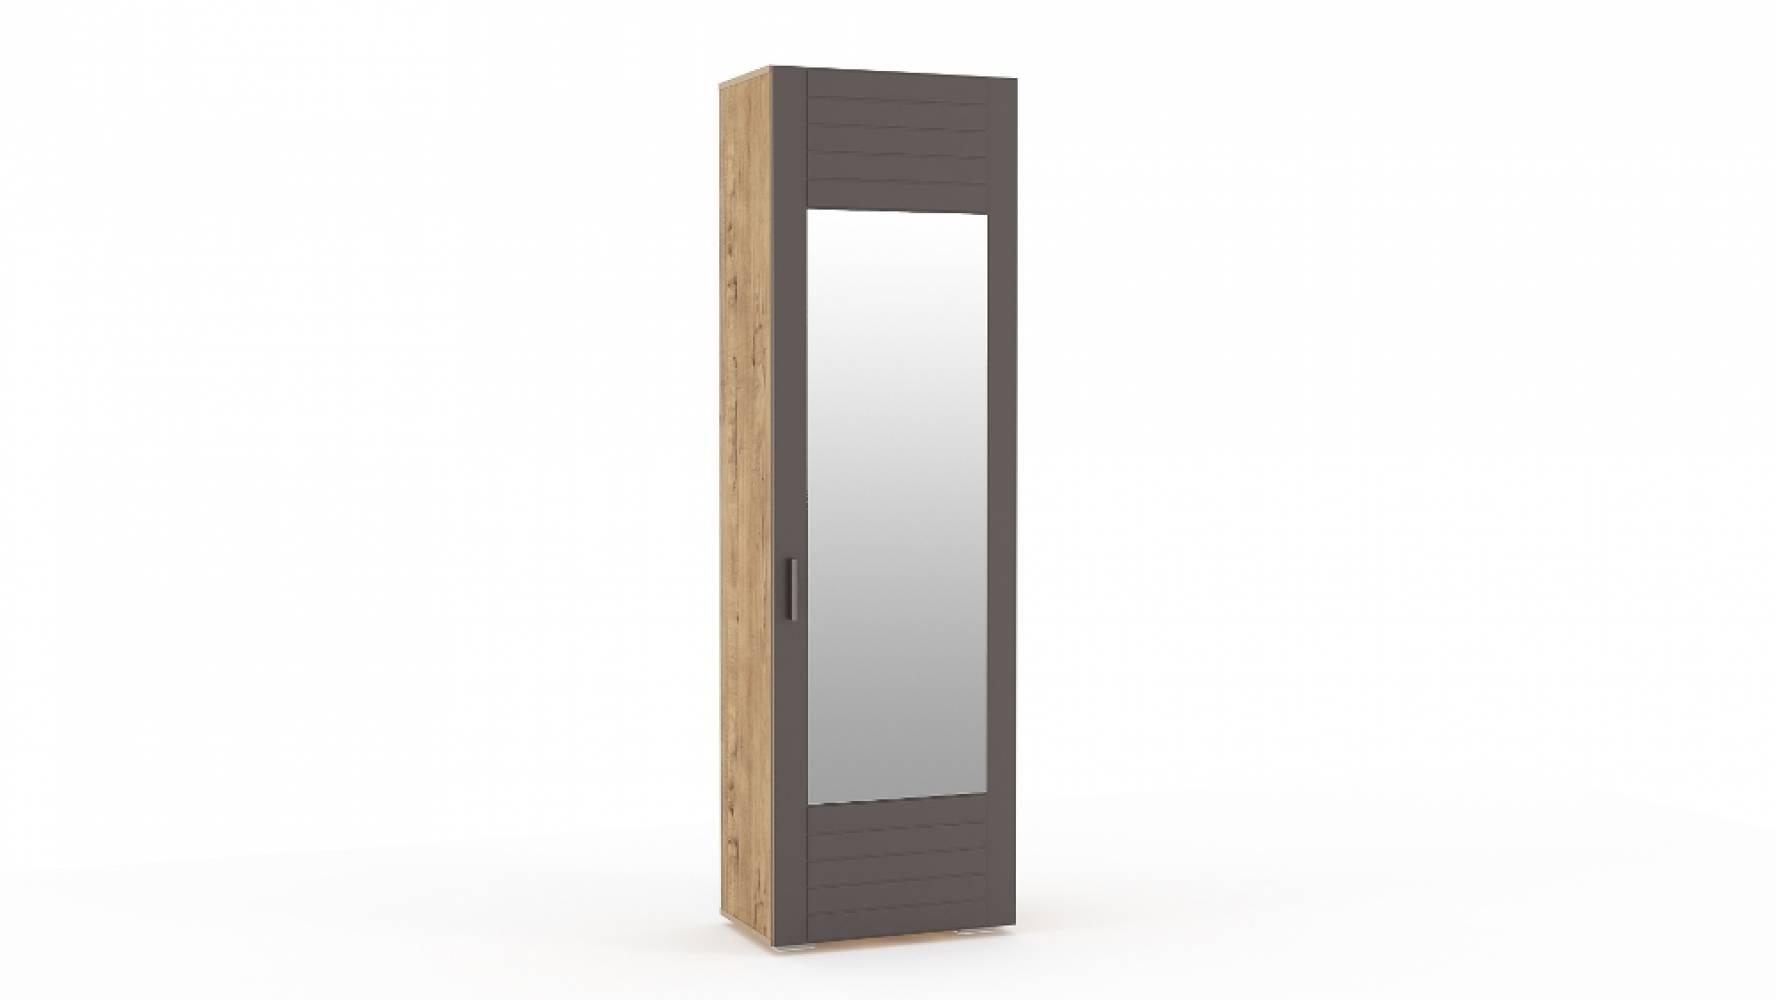 Шкаф для одежды с зеркалом НМ 013.16 LIVORNO (Дуб Бунратти/Софт Графит)